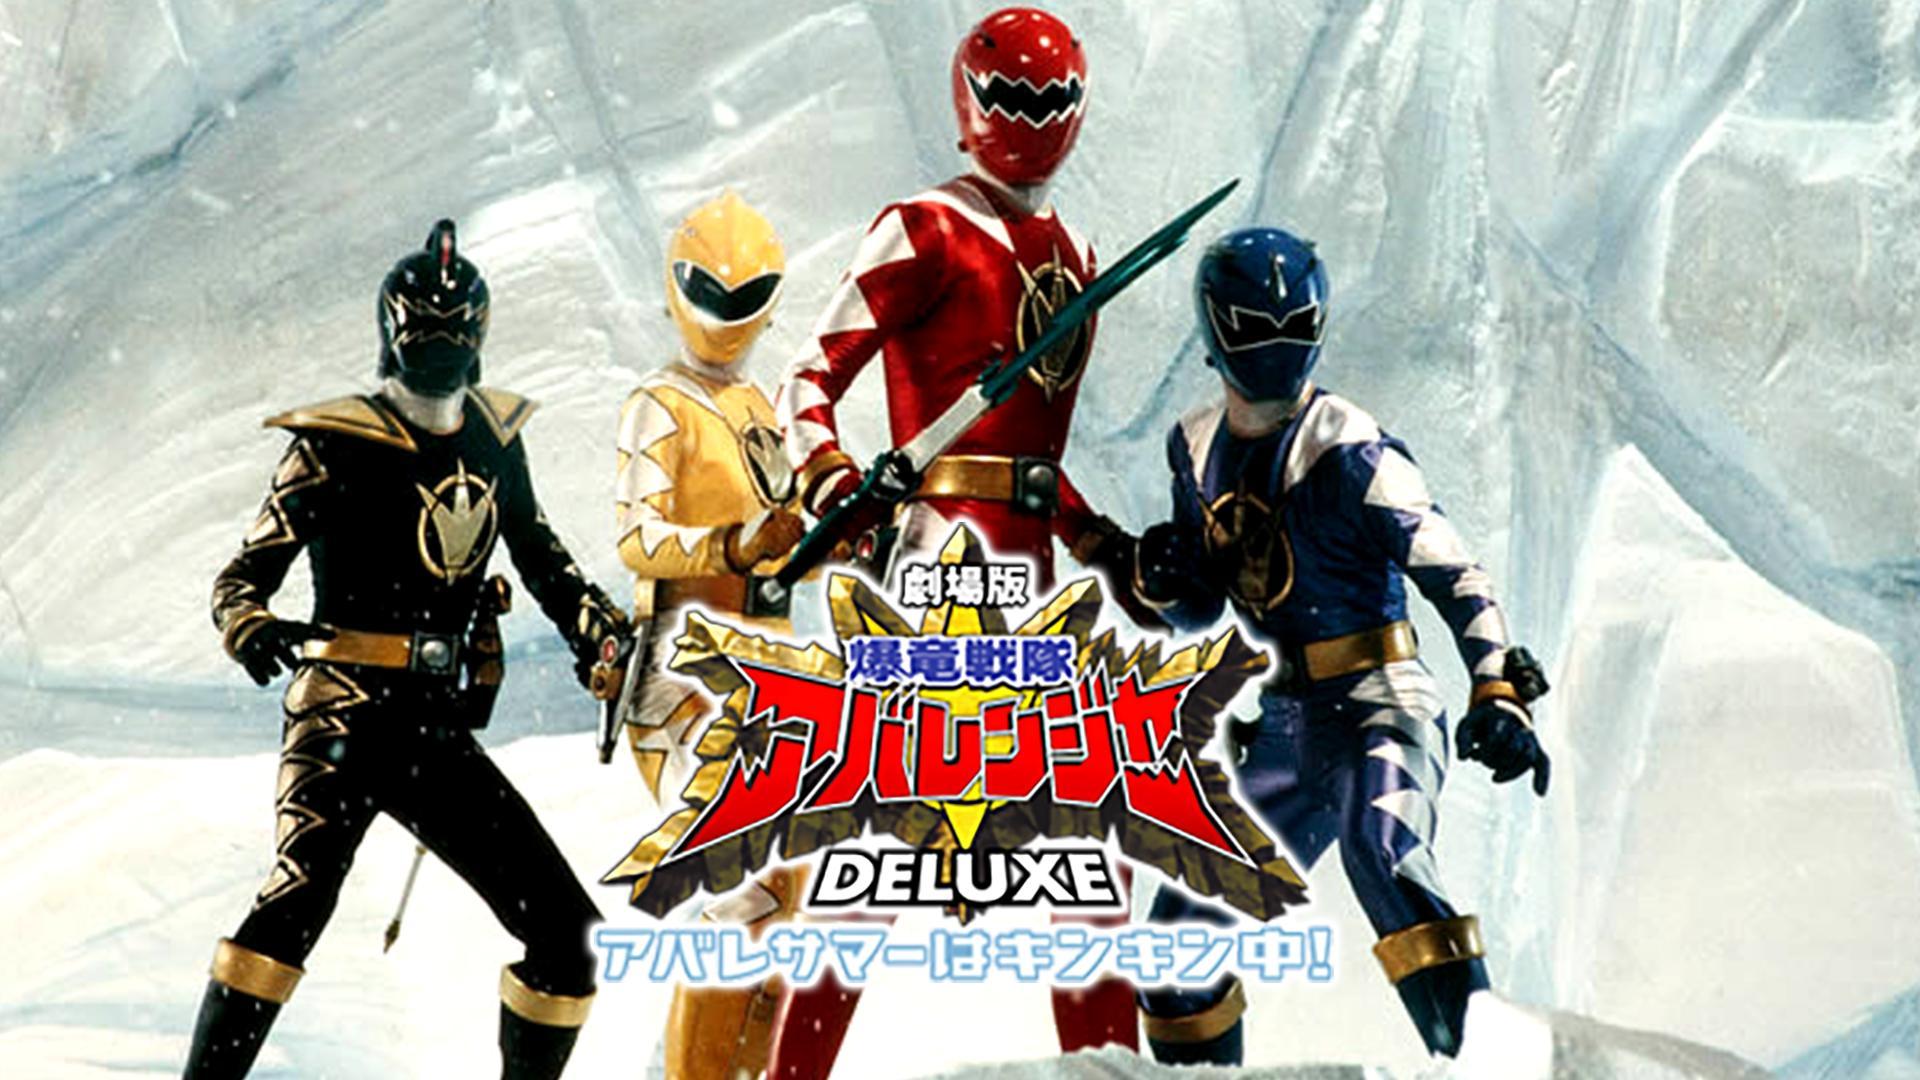 爆竜戦隊アバレンジャー DELUXE アバレサマーはキンキン中!